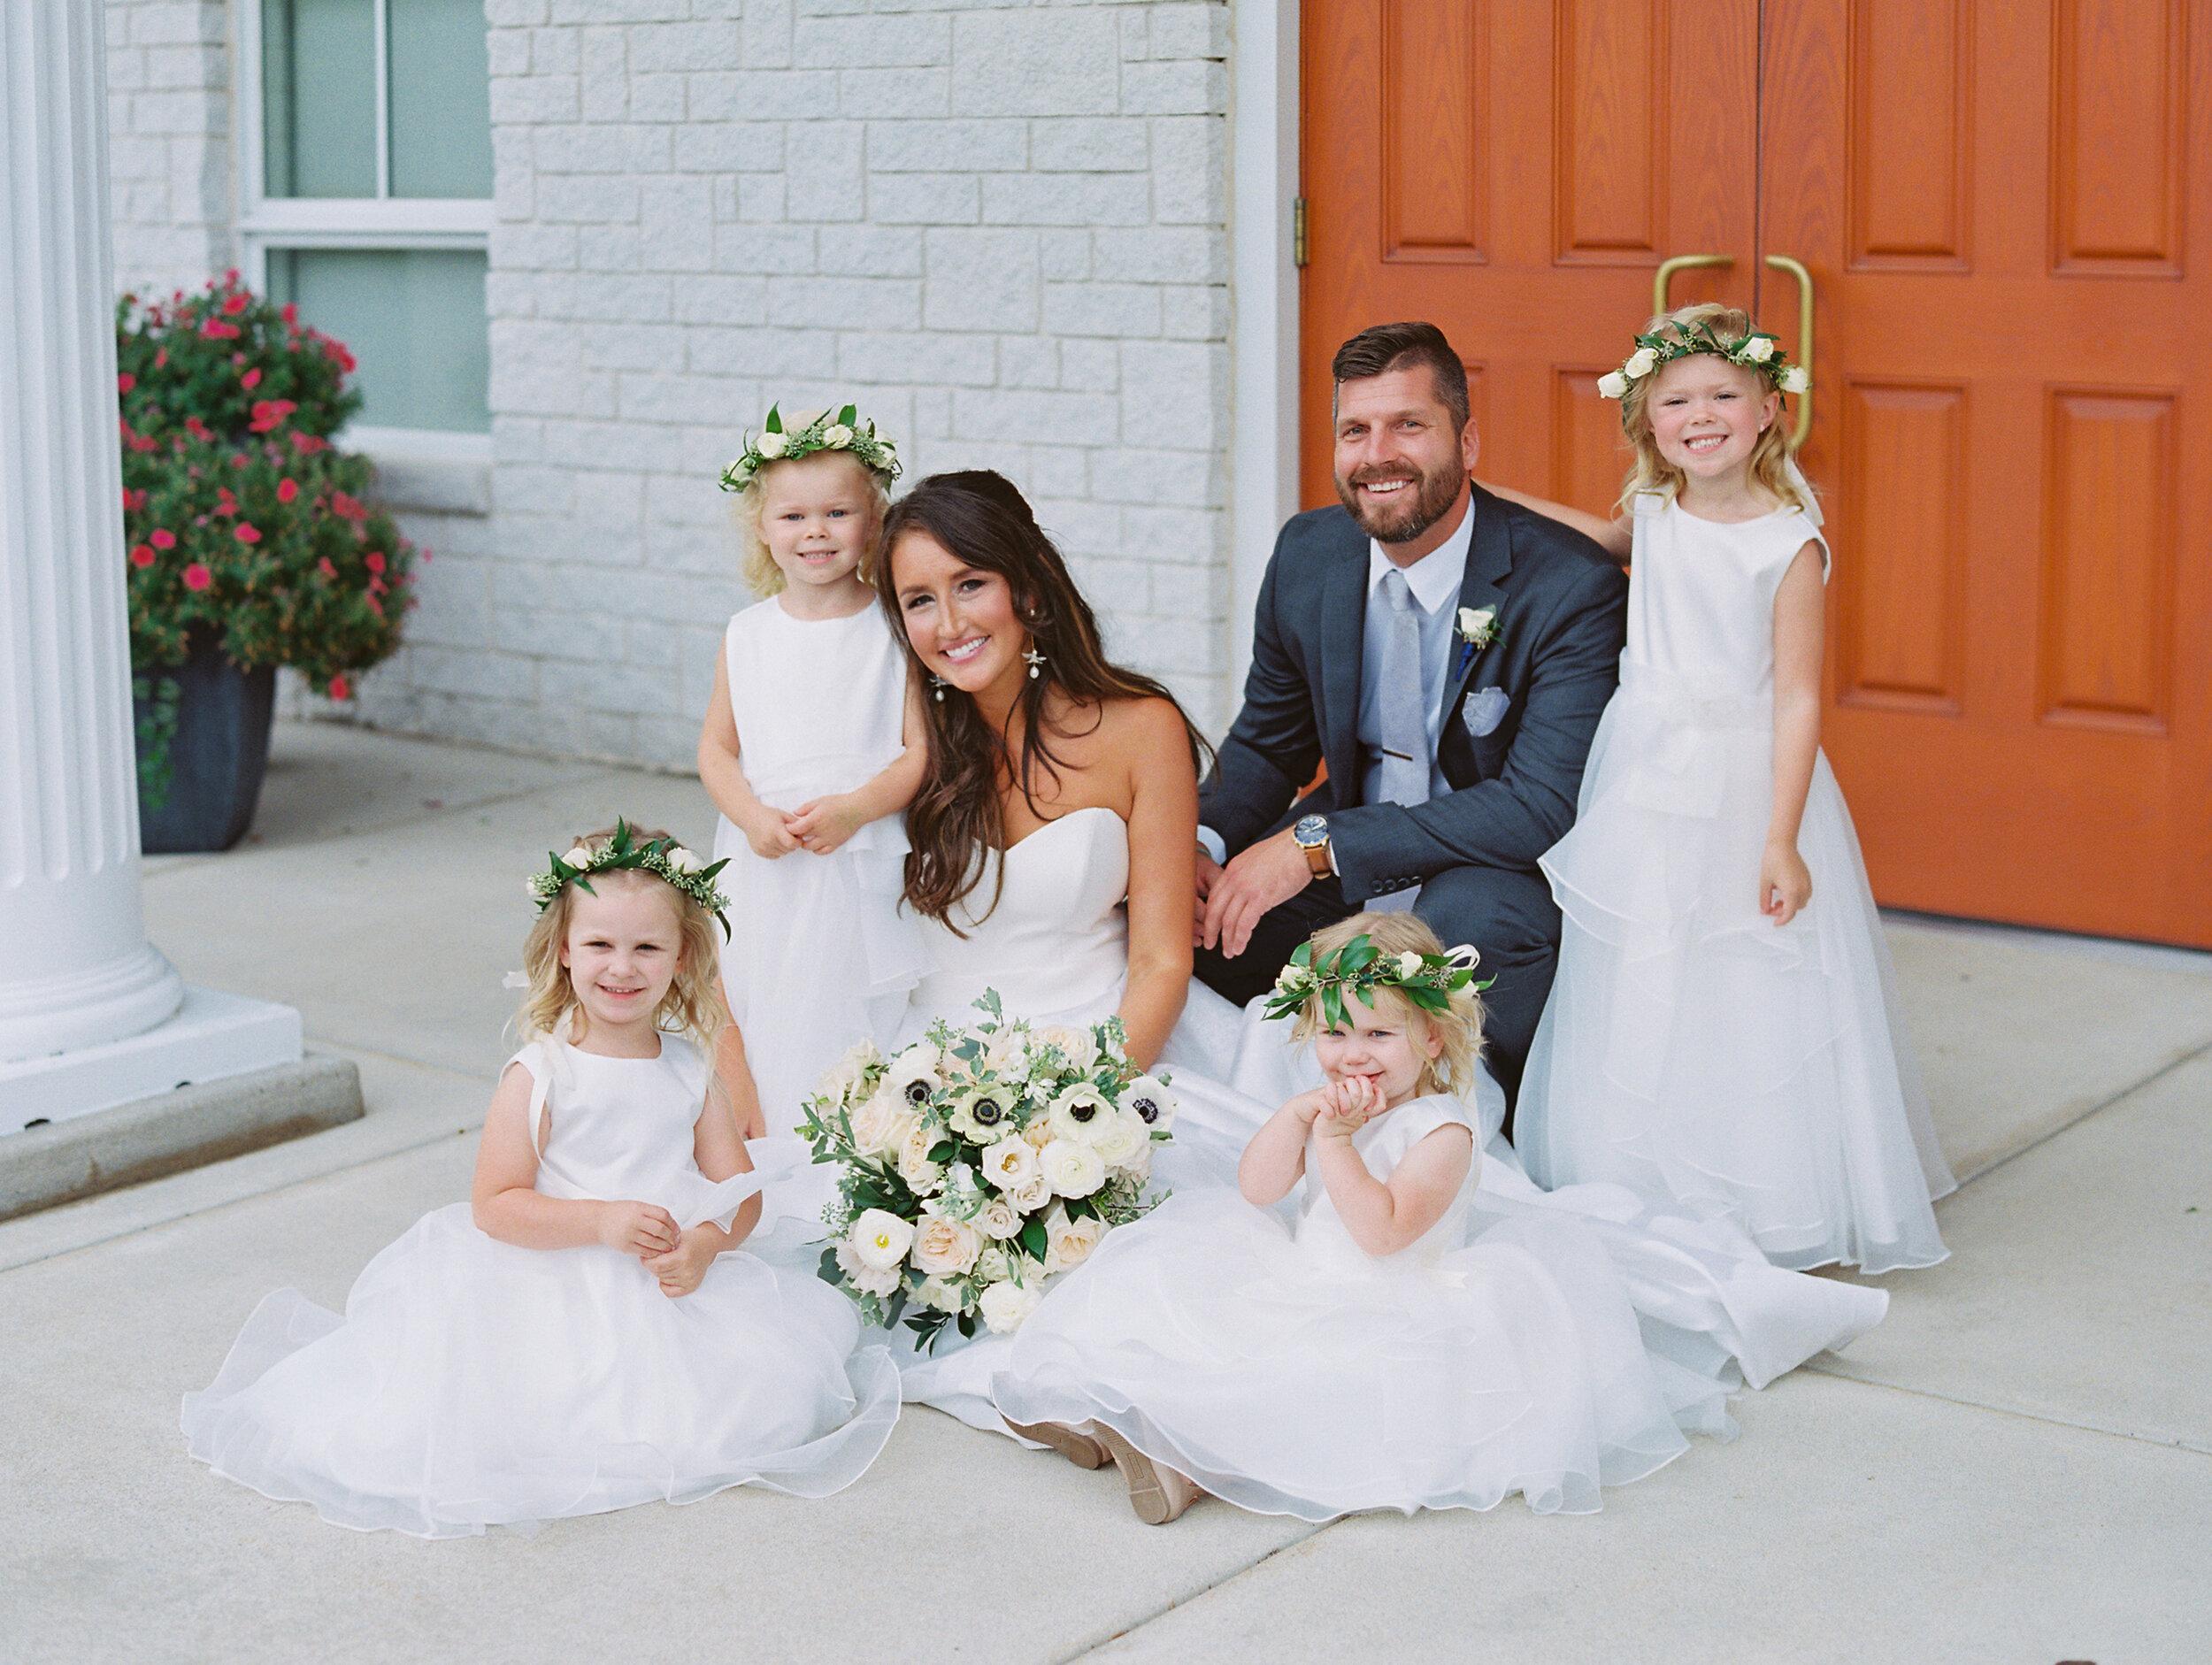 Kuiper+Wedding+Family-116.jpg